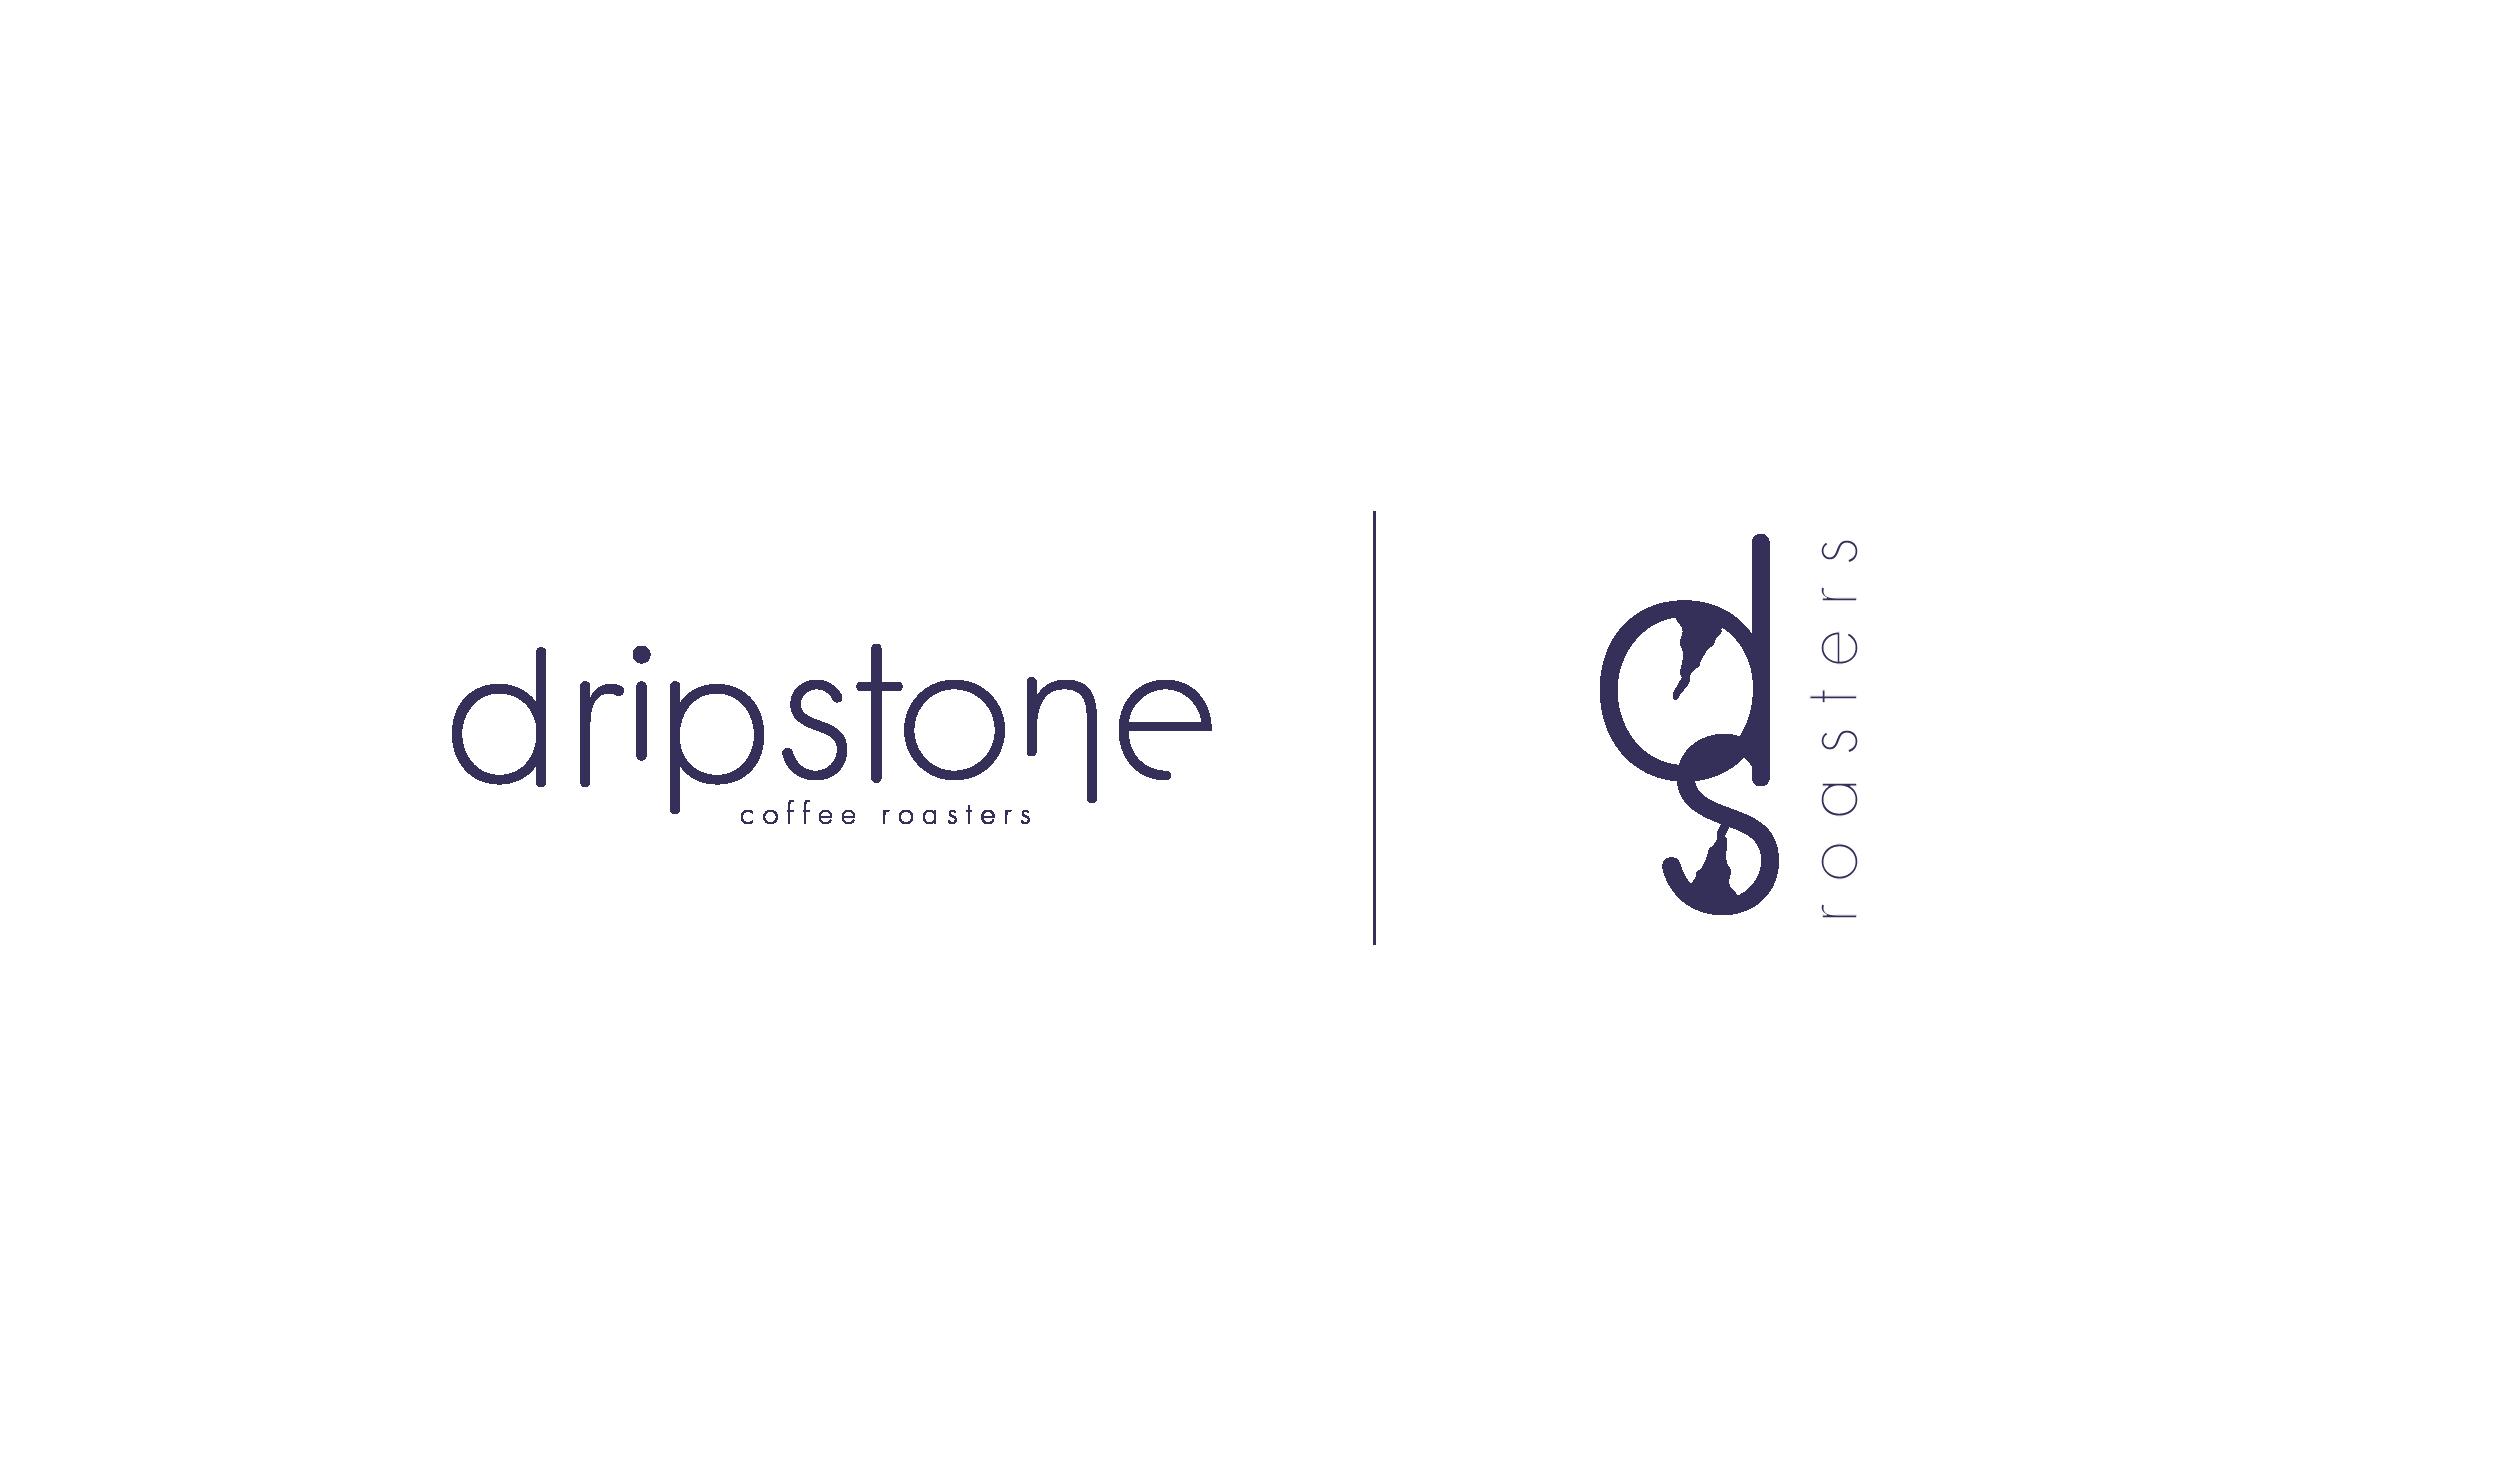 logos dripstone coffee roasters